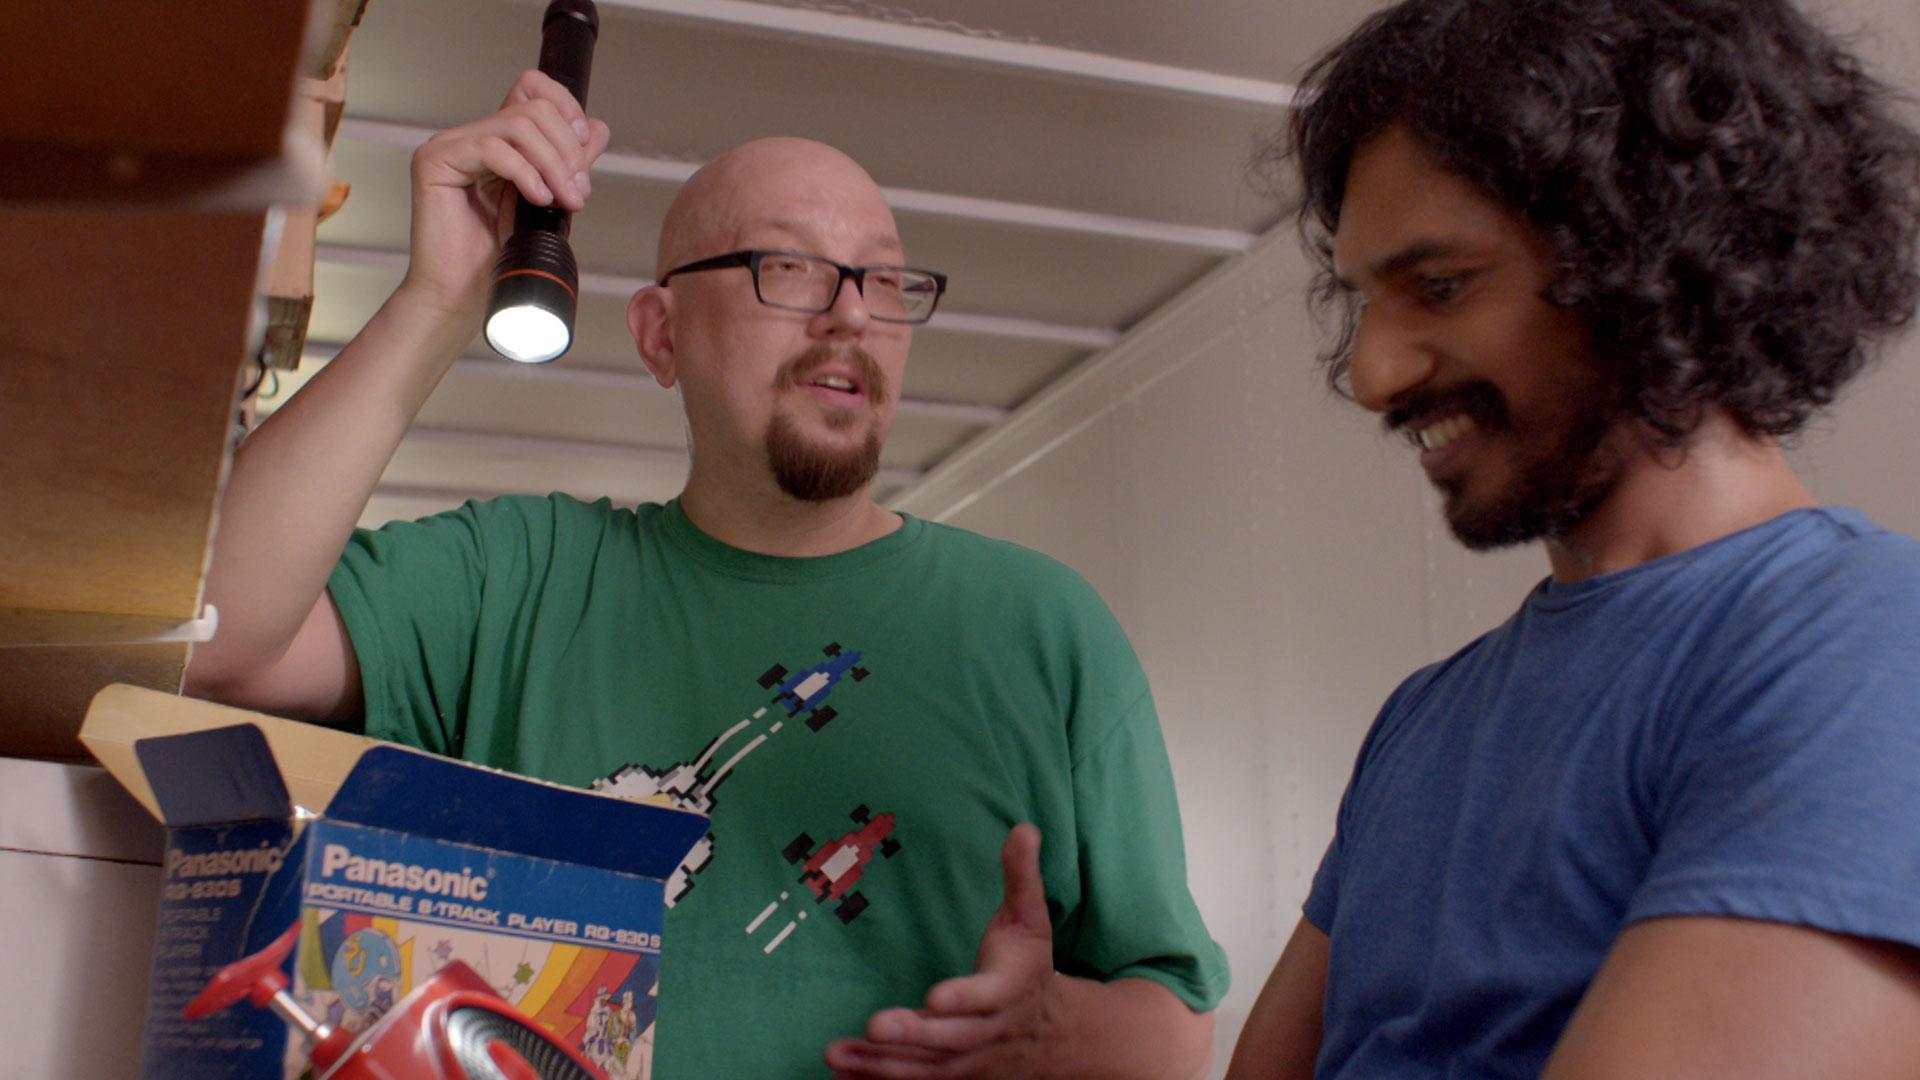 Bohus and Shaun... Buy Space Pants